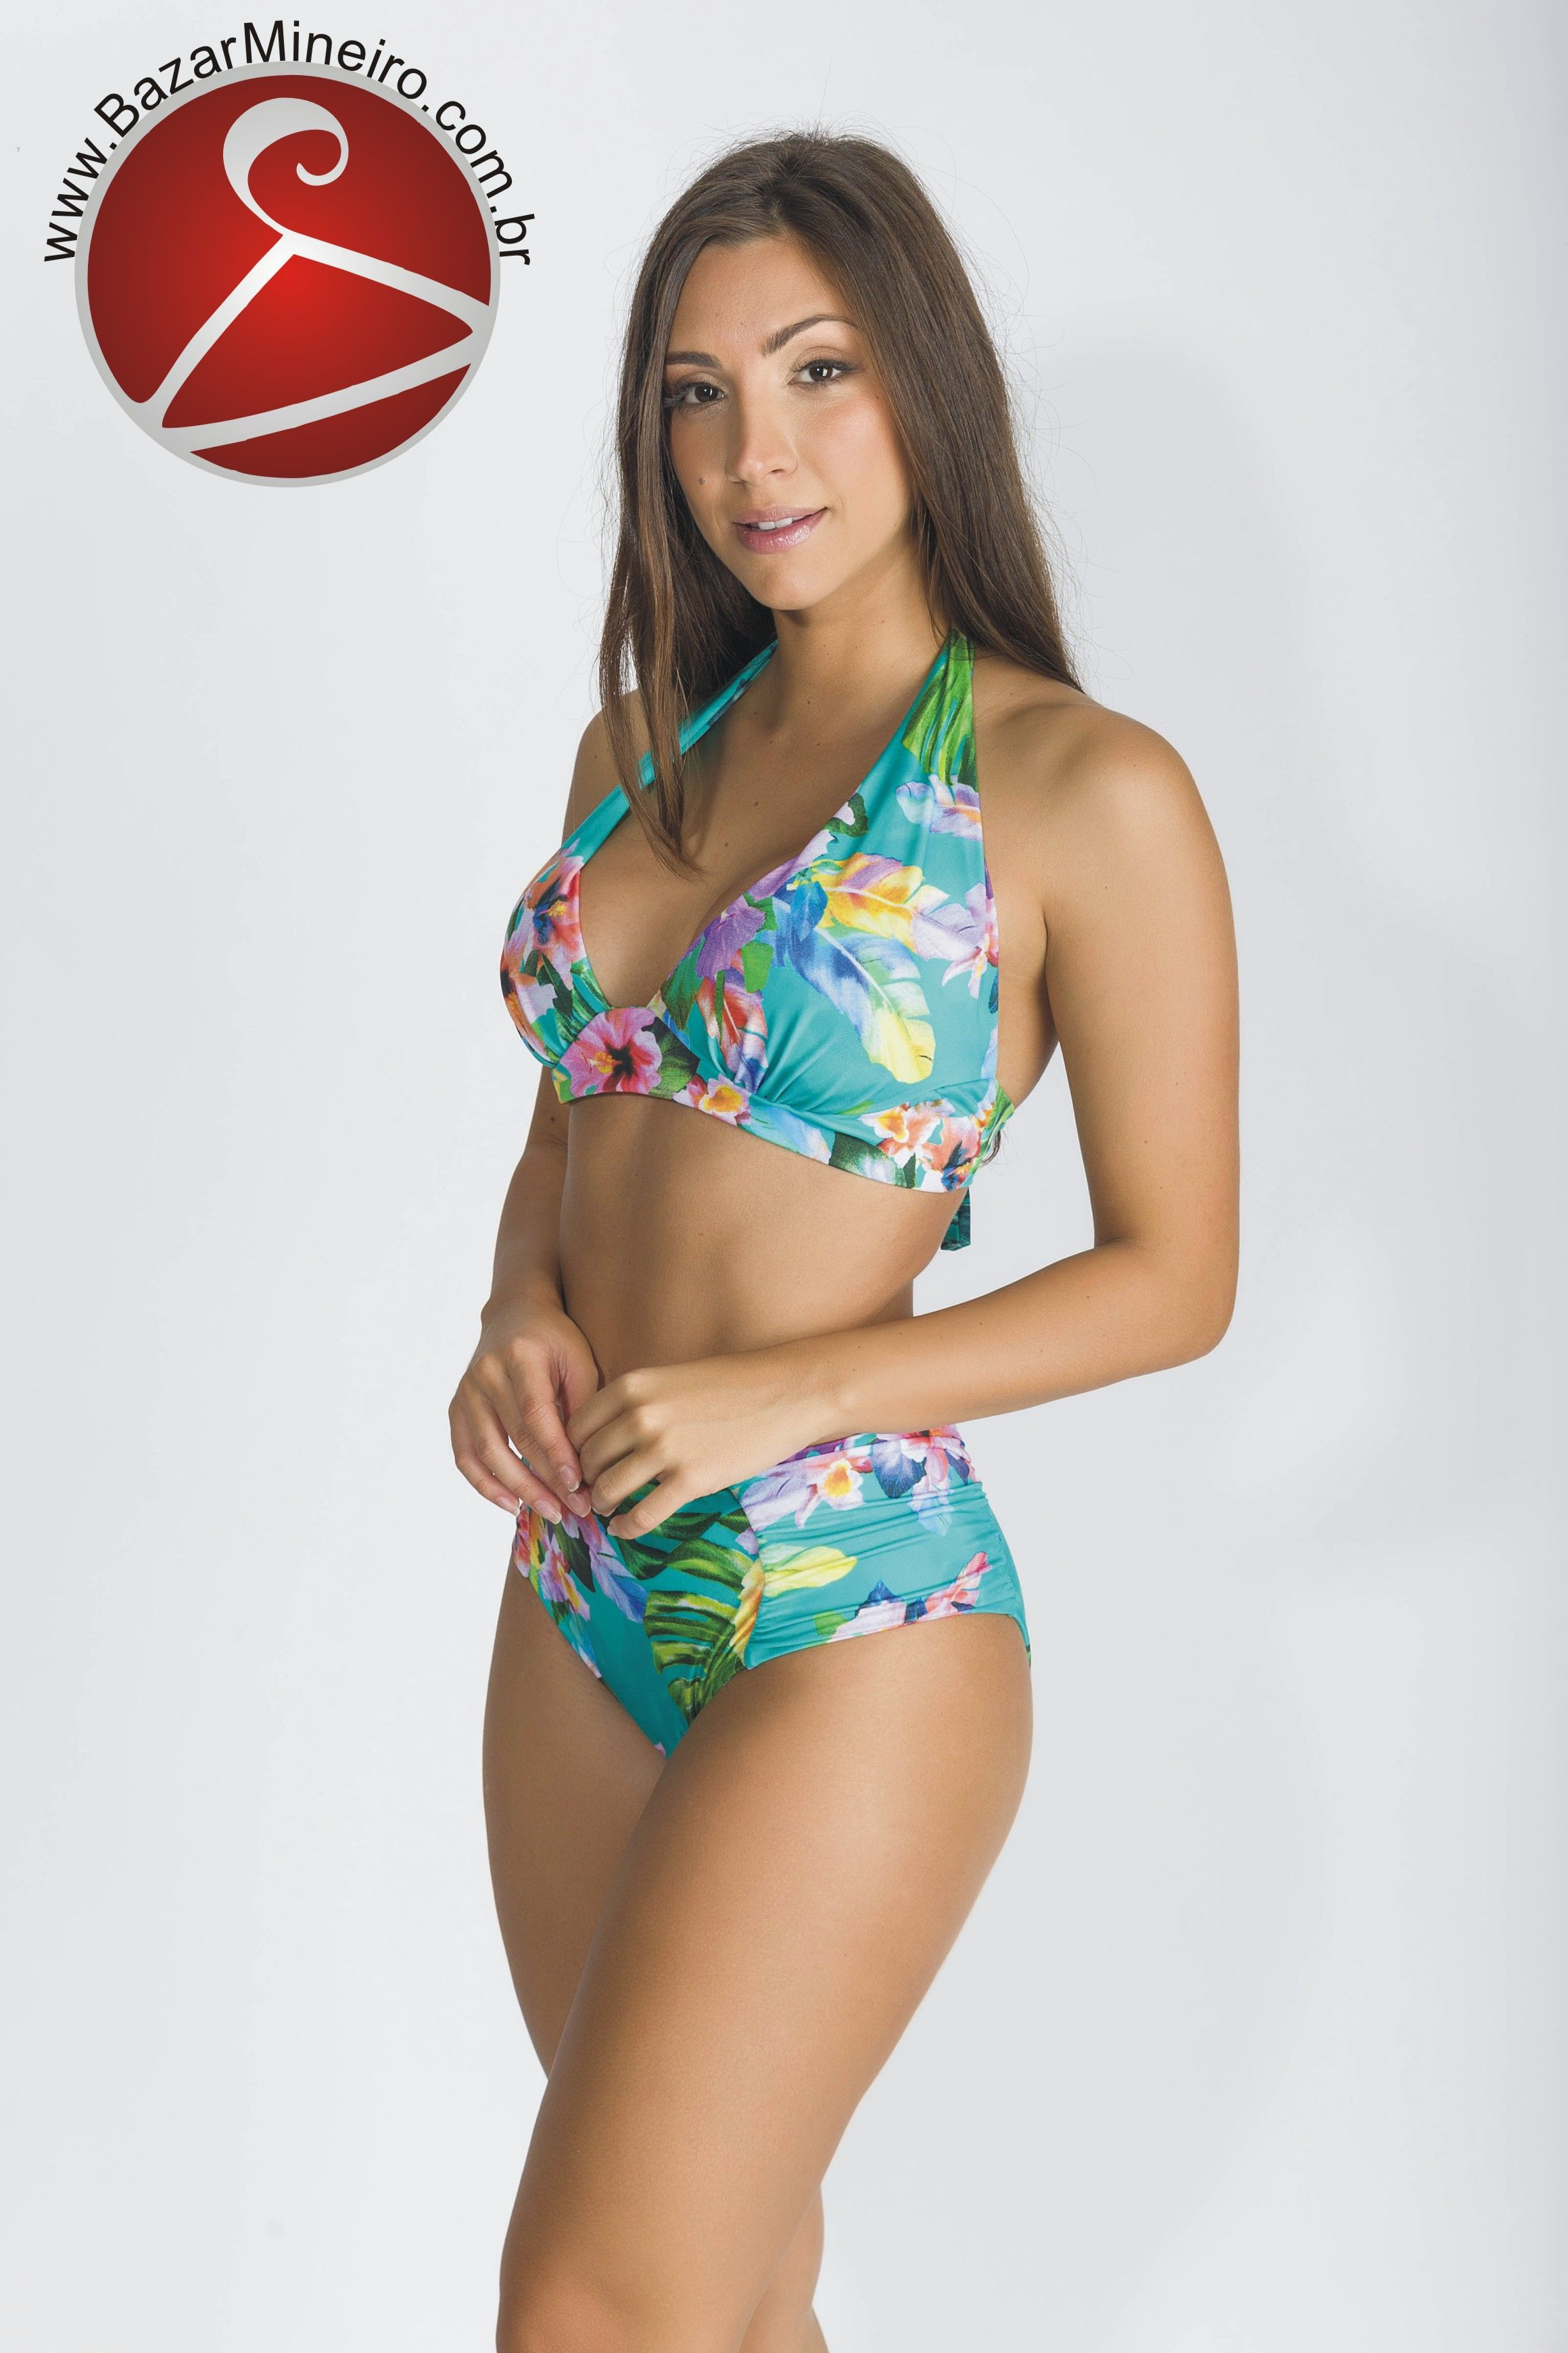 4bc2a4297 Biquíni Cortinão Plus Size - Tropical - Verão 2018 - Tecido com fio de  Lycra®